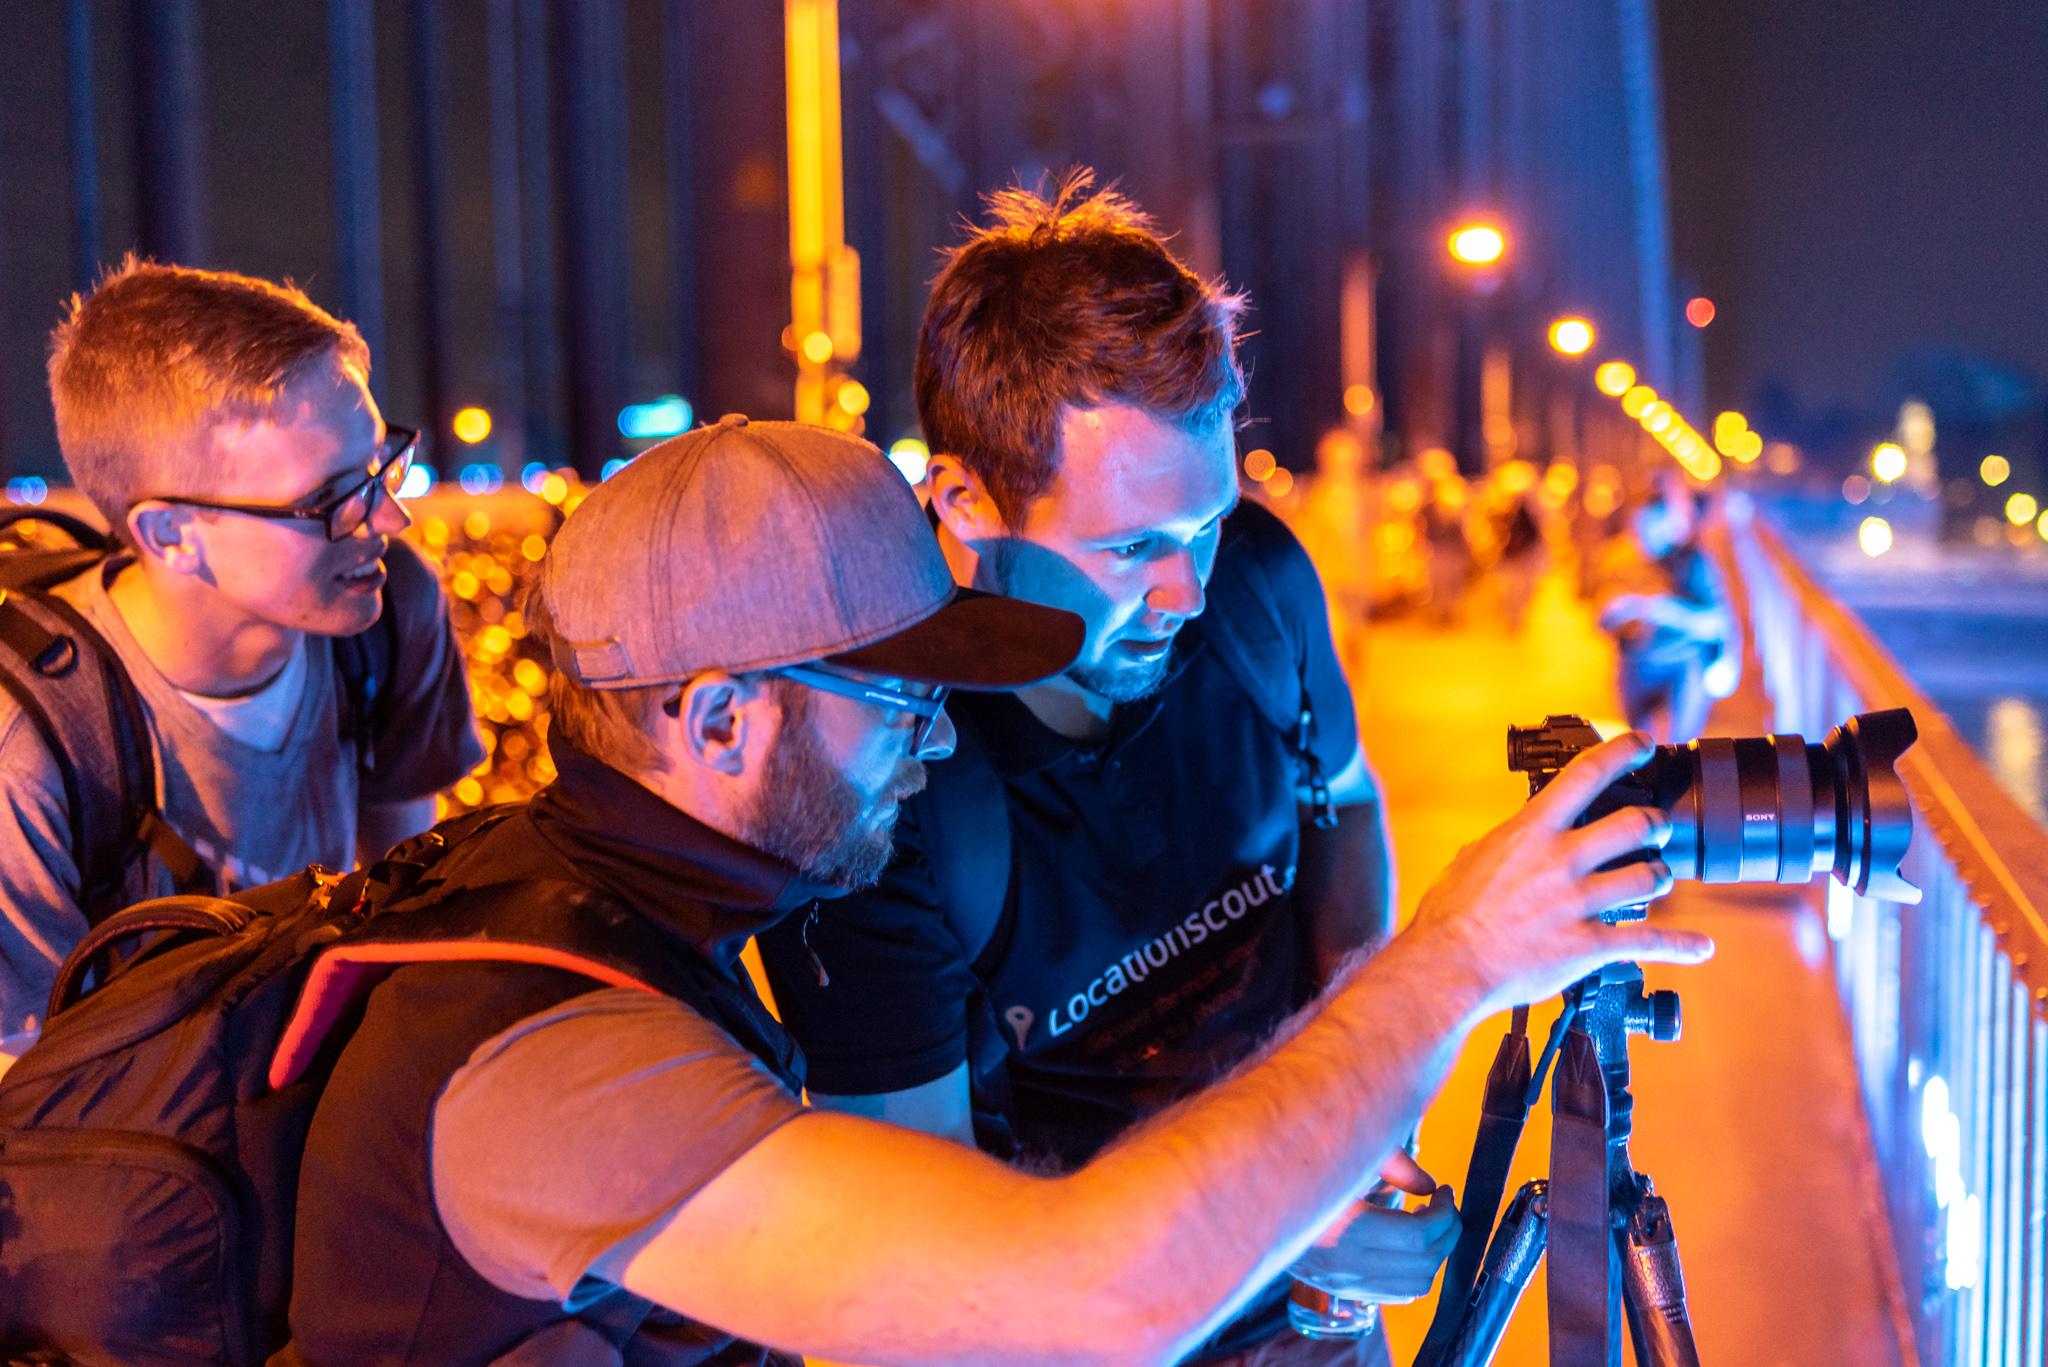 18 Photowalk gamescom light it up